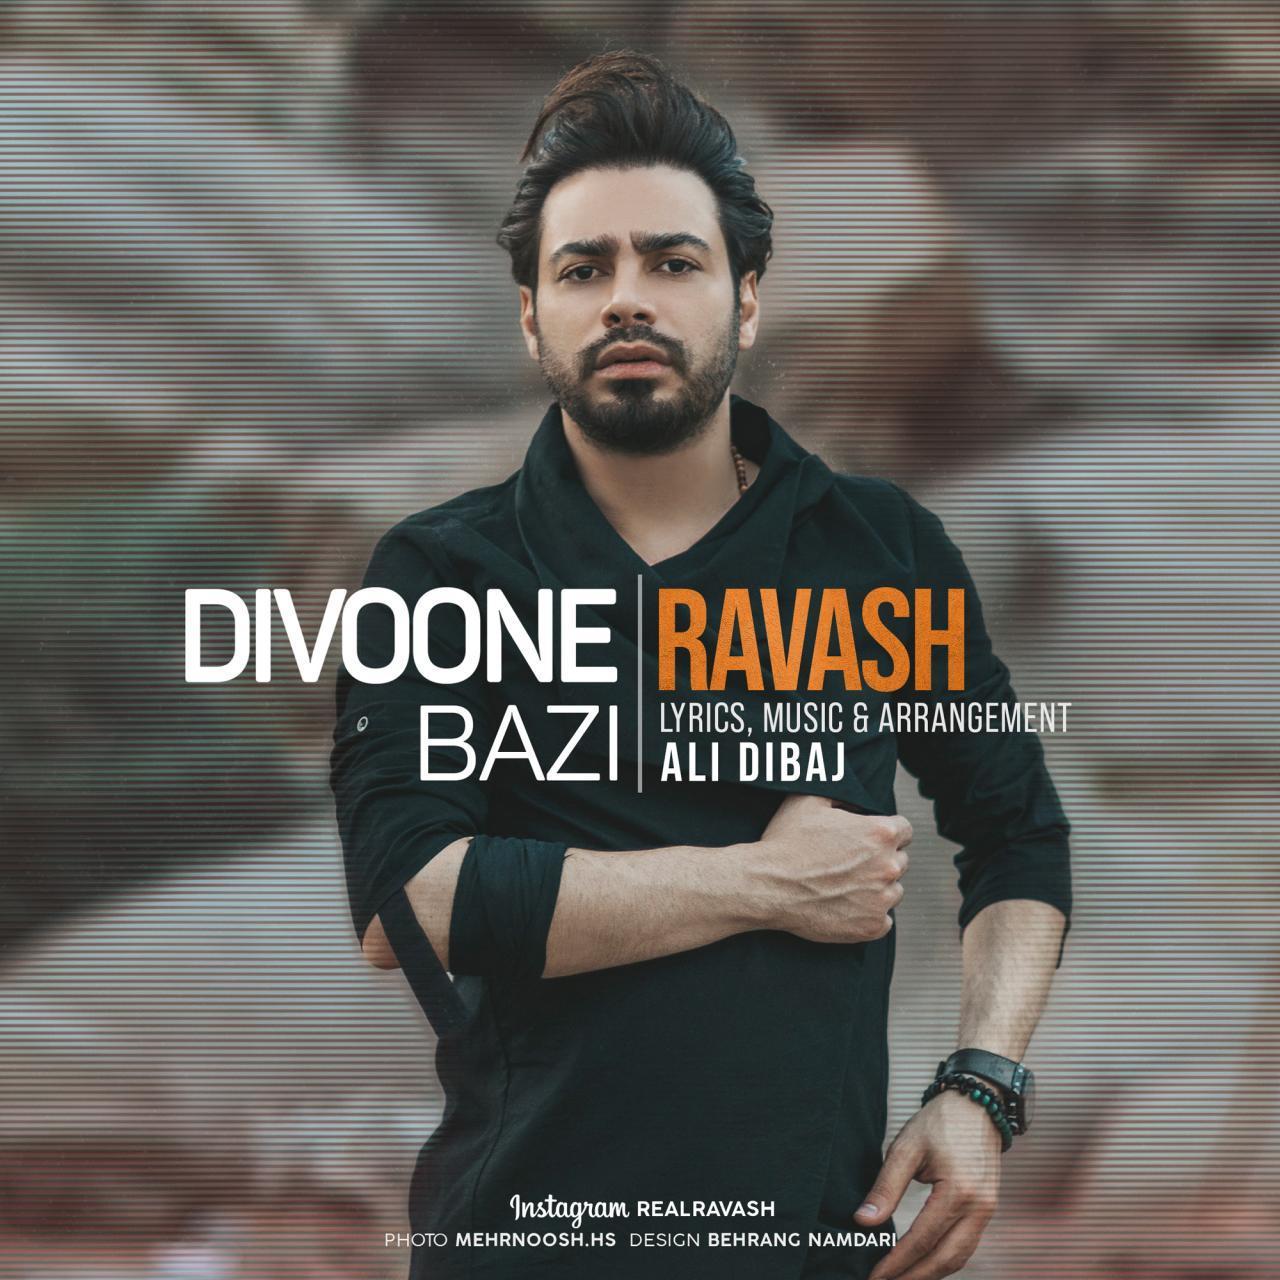 Ravash – Divoone Bazi